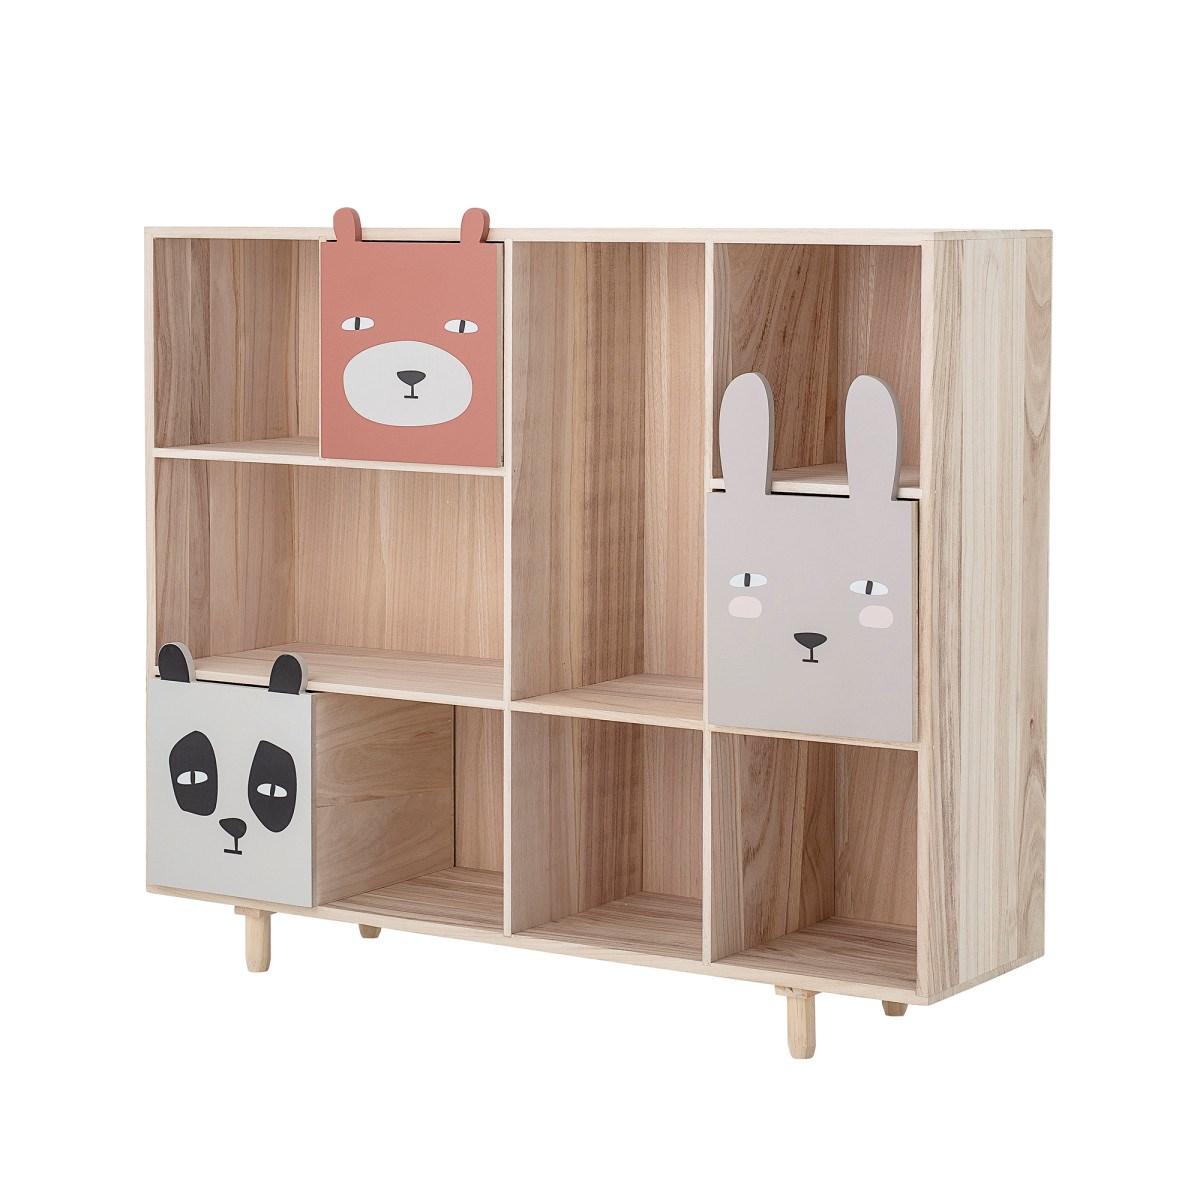 Dřevěná knihovna se třemi šuplaty 107x94 cm_0